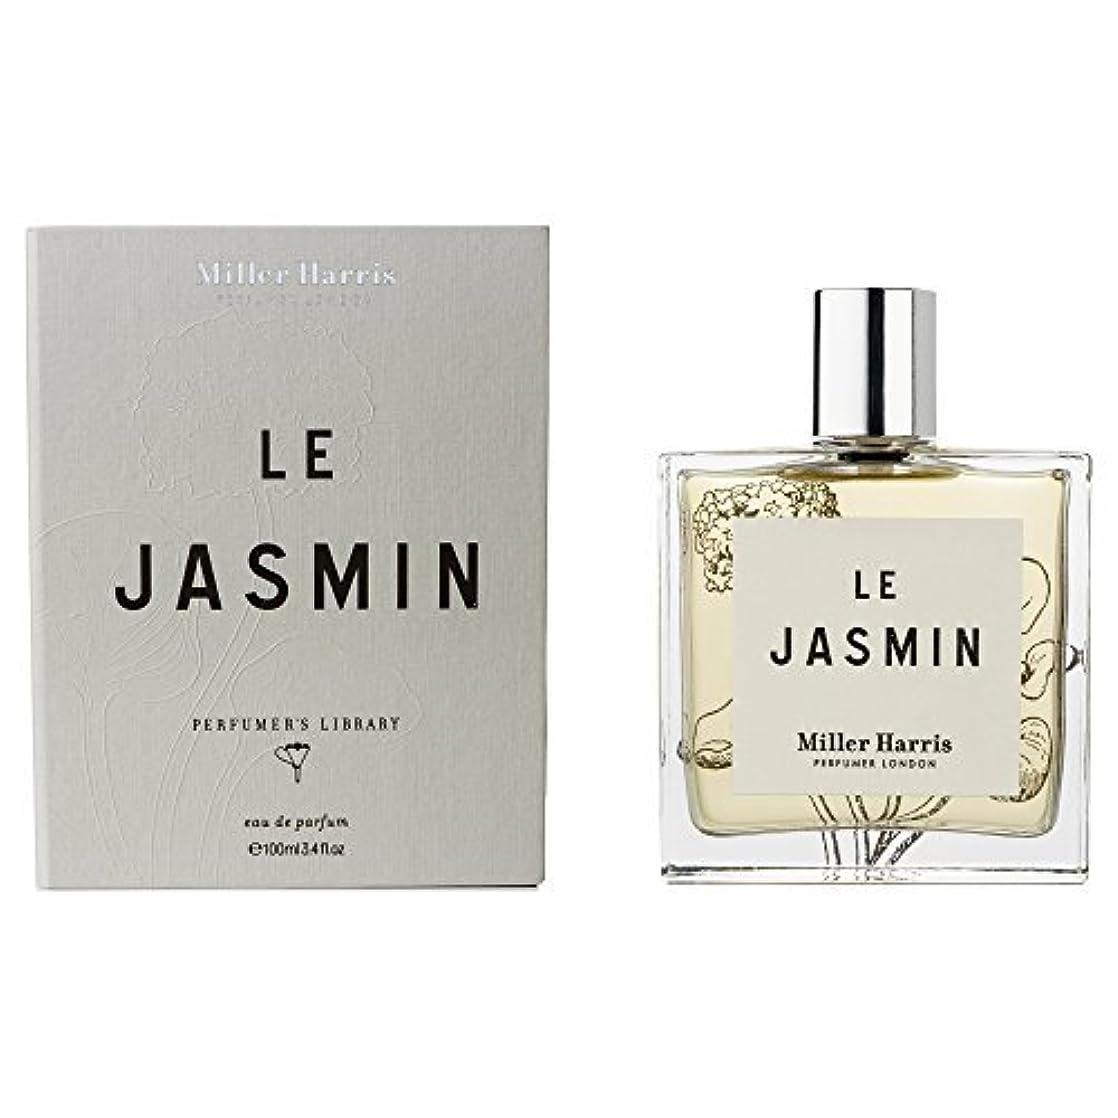 象症候群失敗ミラーハリス Le Jasmin Eau De Parfum Spray 100ml/3.4oz並行輸入品